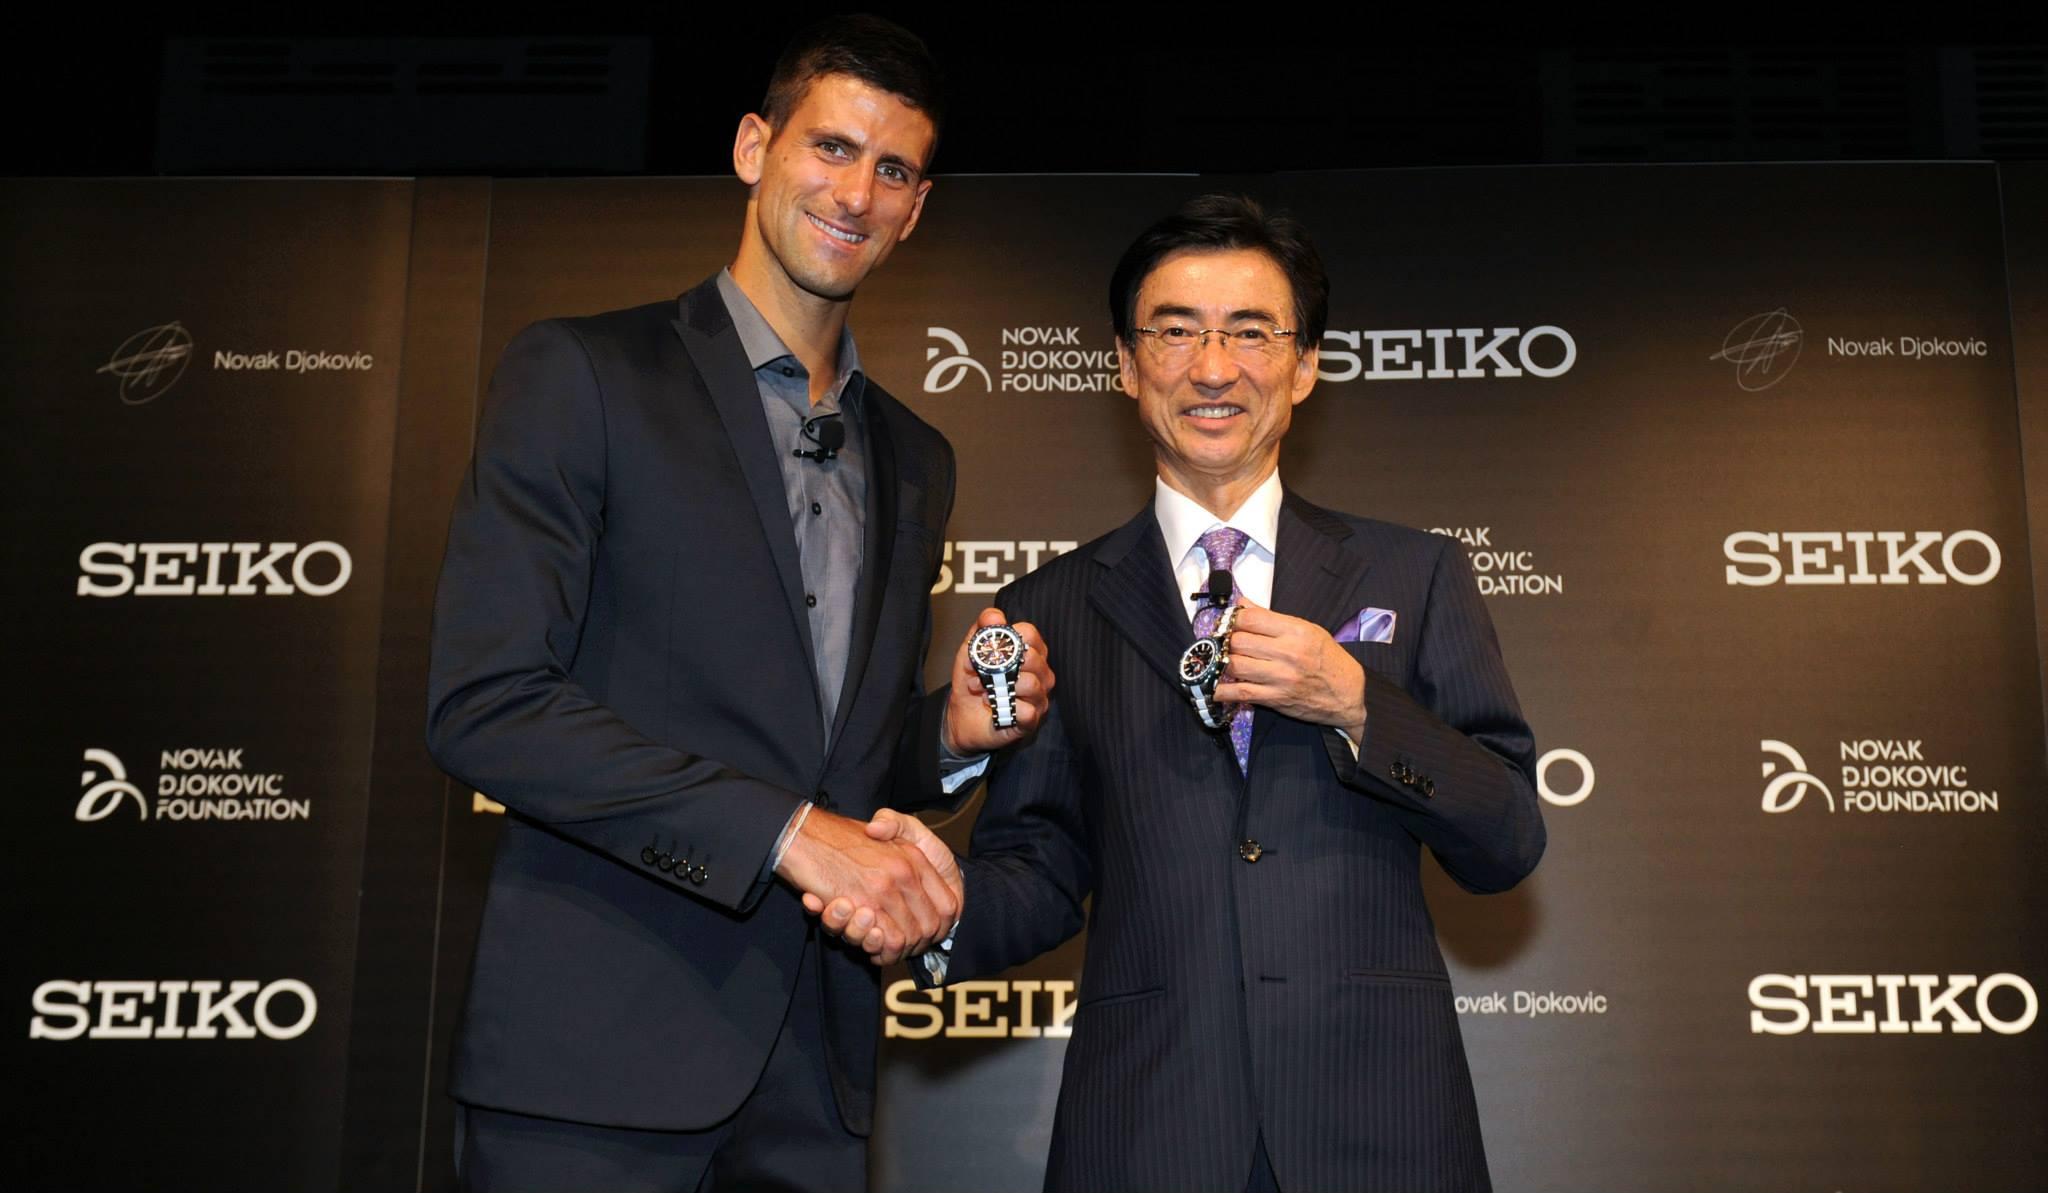 Naziv: Novak-Djokovic-Seiko-satovi-ambasador-brenda-1.jpg, pregleda: 217, veličina: 147,7 KB